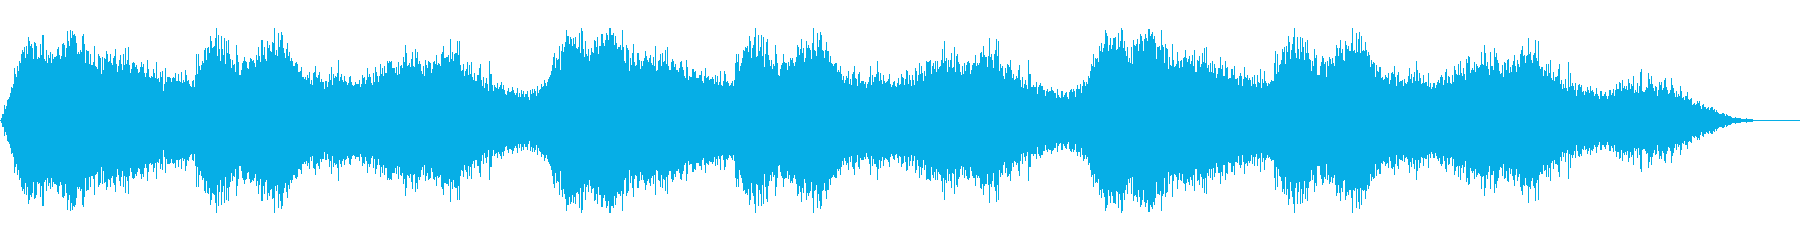 幻想的な海の中/深海/水がキラキラするの再生済みの波形